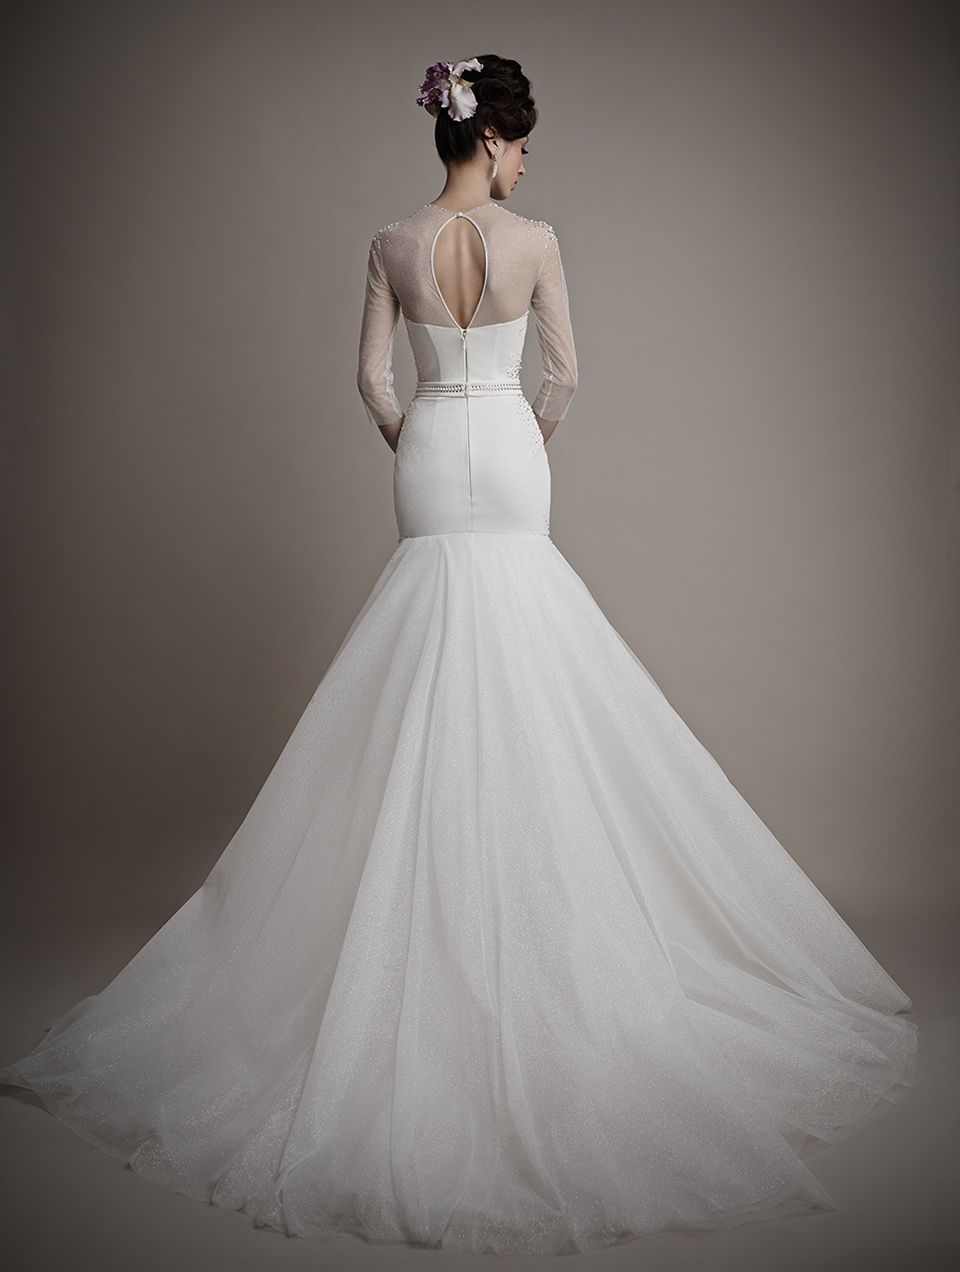 Коллекция свадебных платьев 2015 года от Ersa Atelier7-1